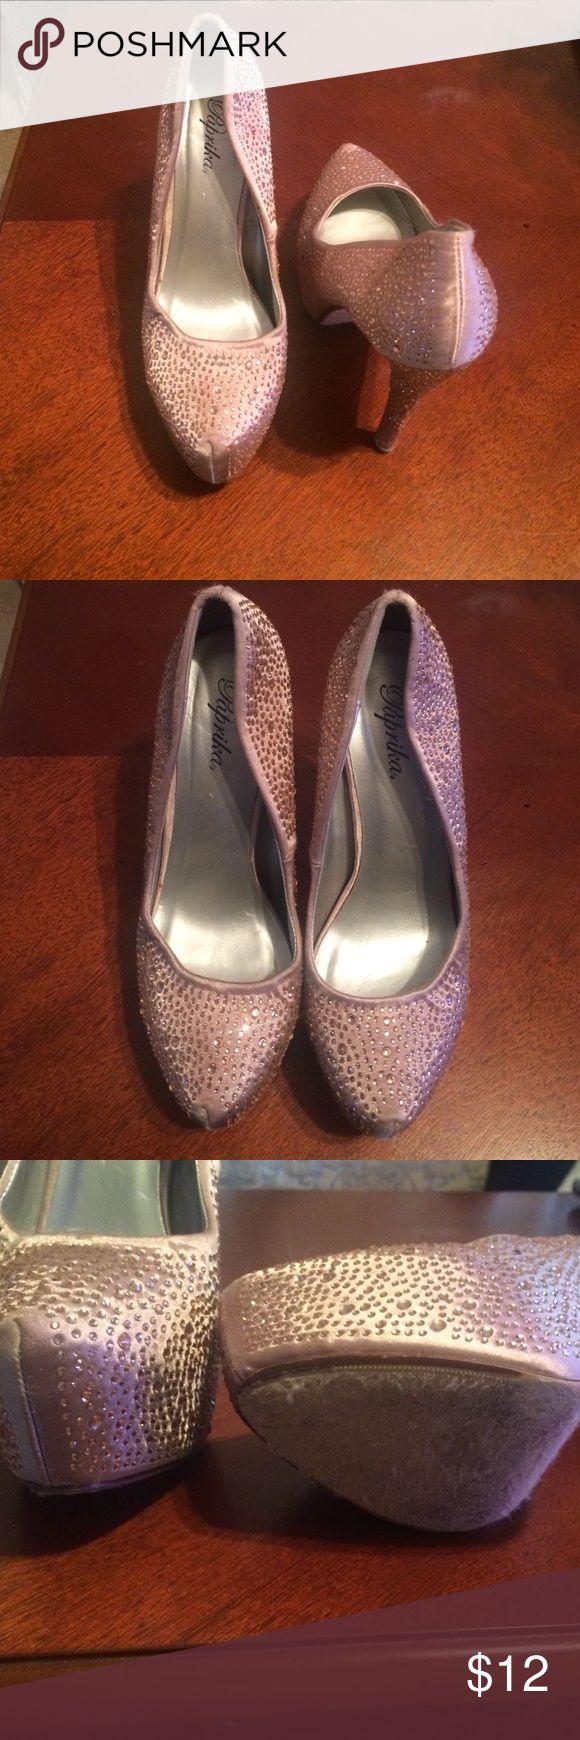 Champagne glittered platform heels 5 inch champagne colored heels with champagne gems. Shoes Platforms